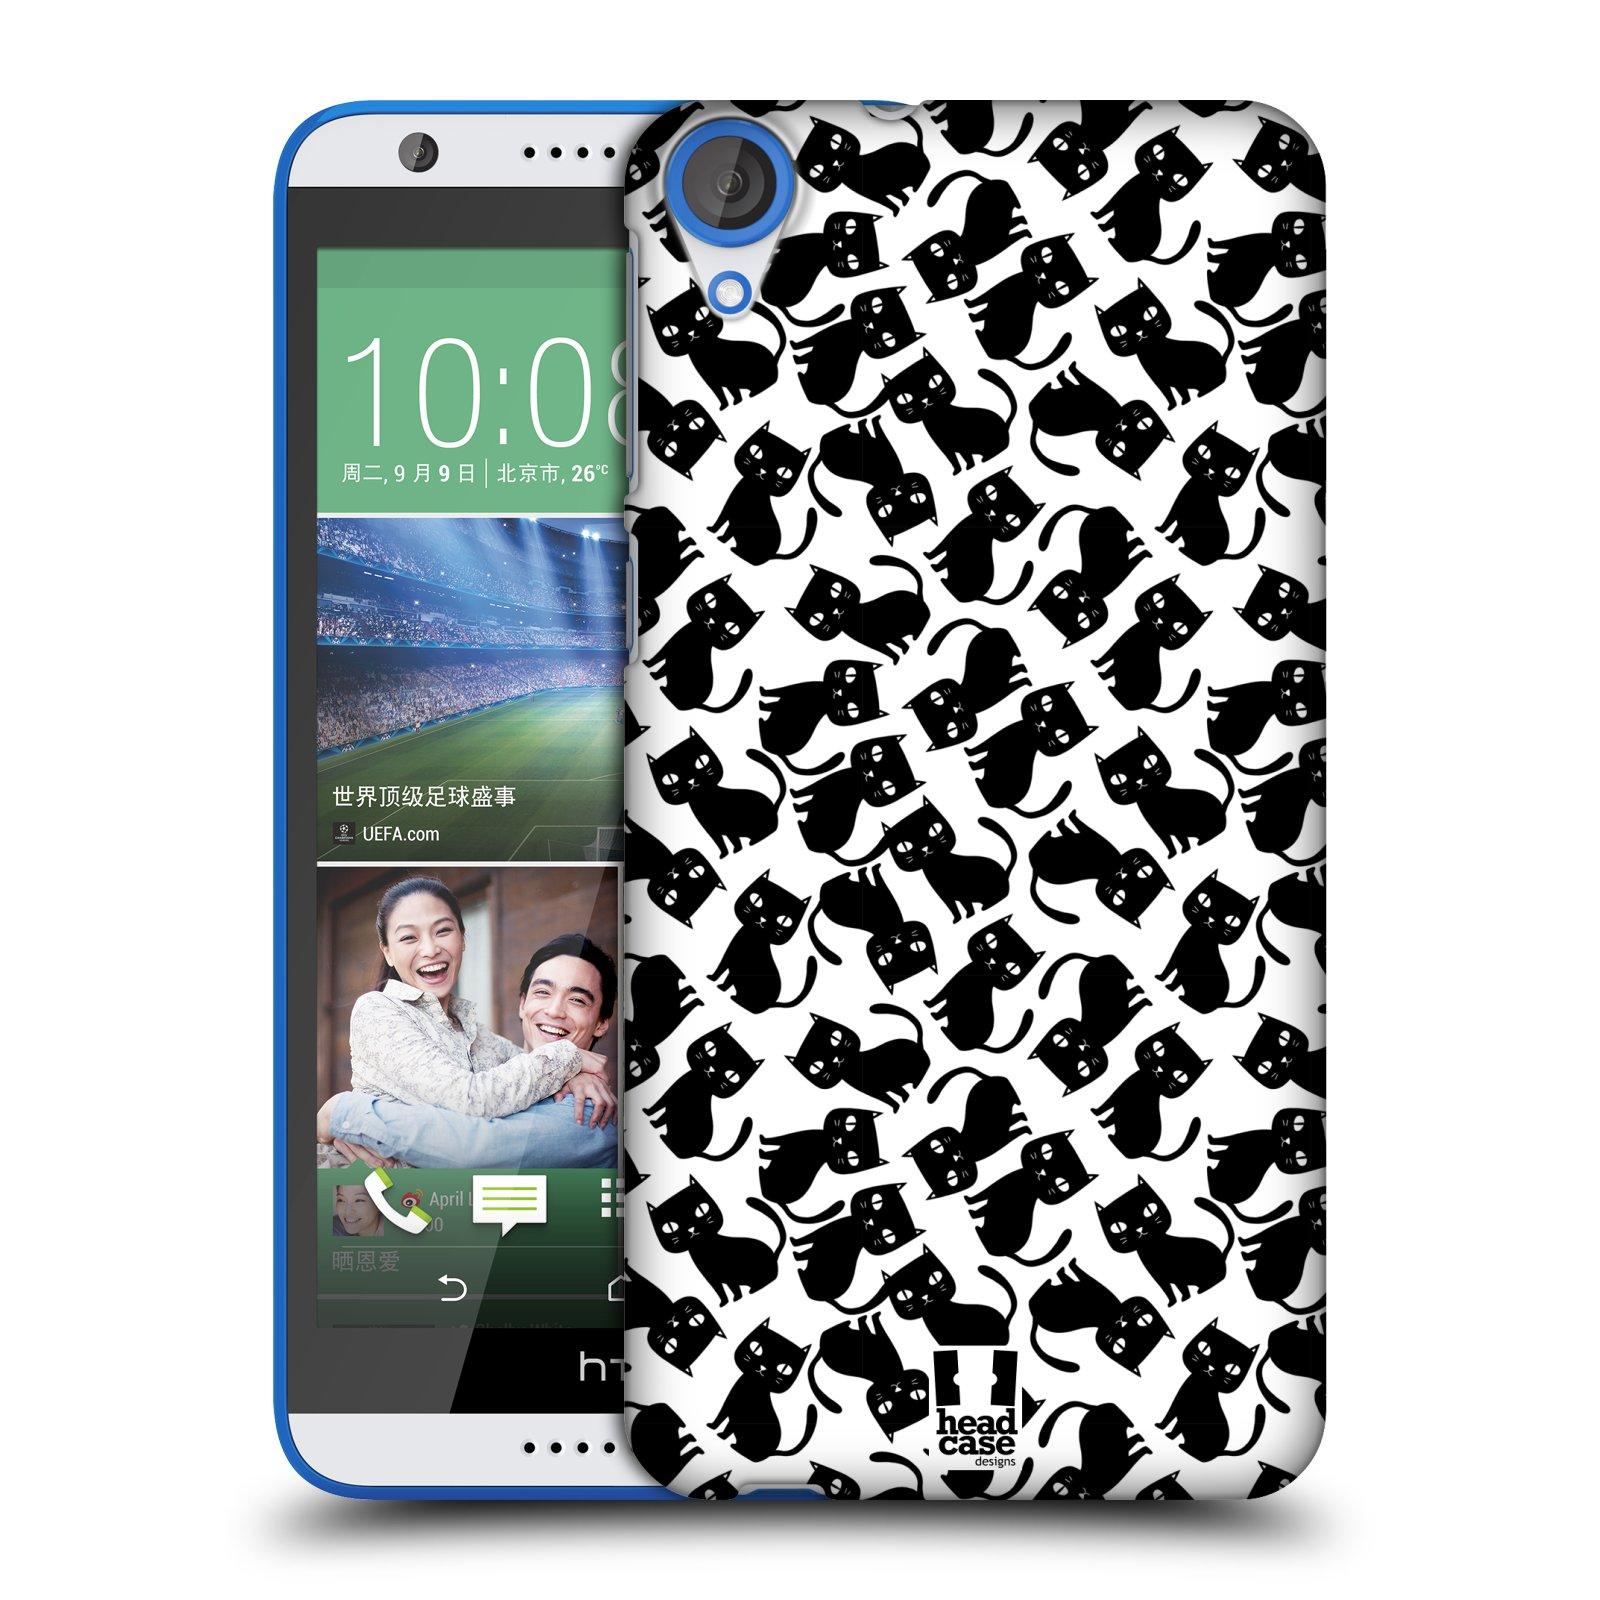 Plastové pouzdro na mobil HTC Desire 820 HEAD CASE KOČKY Black Pattern (Kryt či obal na mobilní telefon HTC Desire 820)